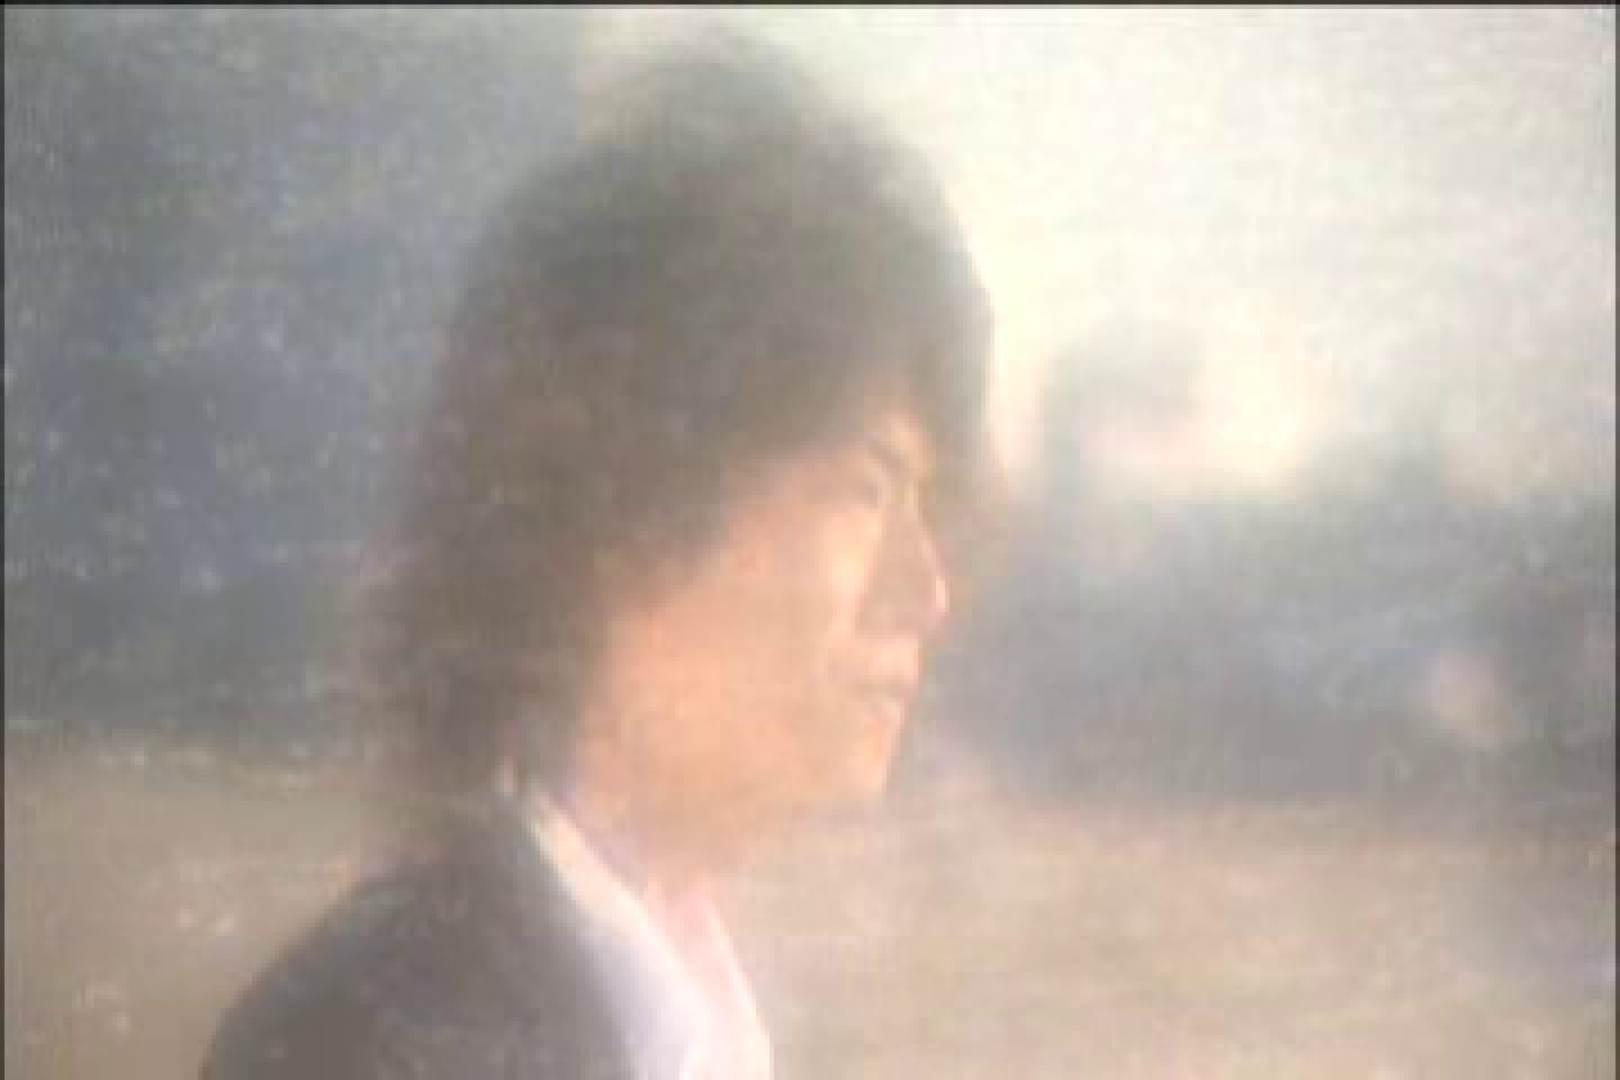 イケメン☆パラダイス〜男ざかりの君たちへ〜vol.40 イケメンパラダイス ゲイヌード画像 46pic 16